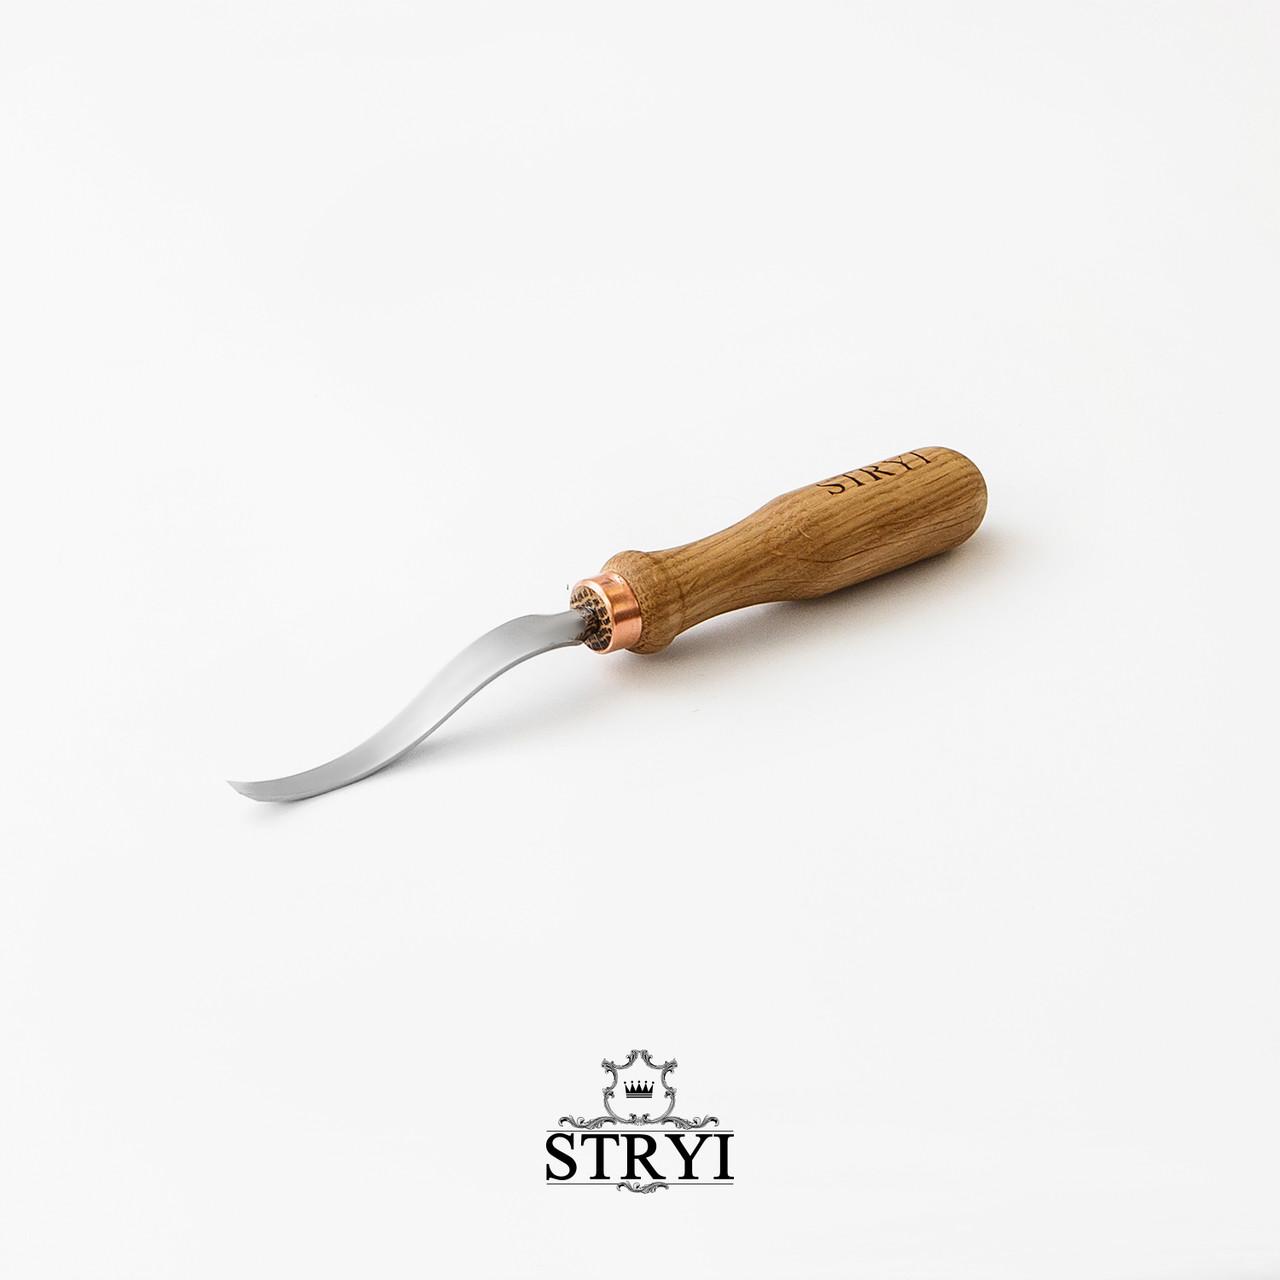 Стамеска клюкарза плоская 5 мм для резьбы по дереву, от производителя